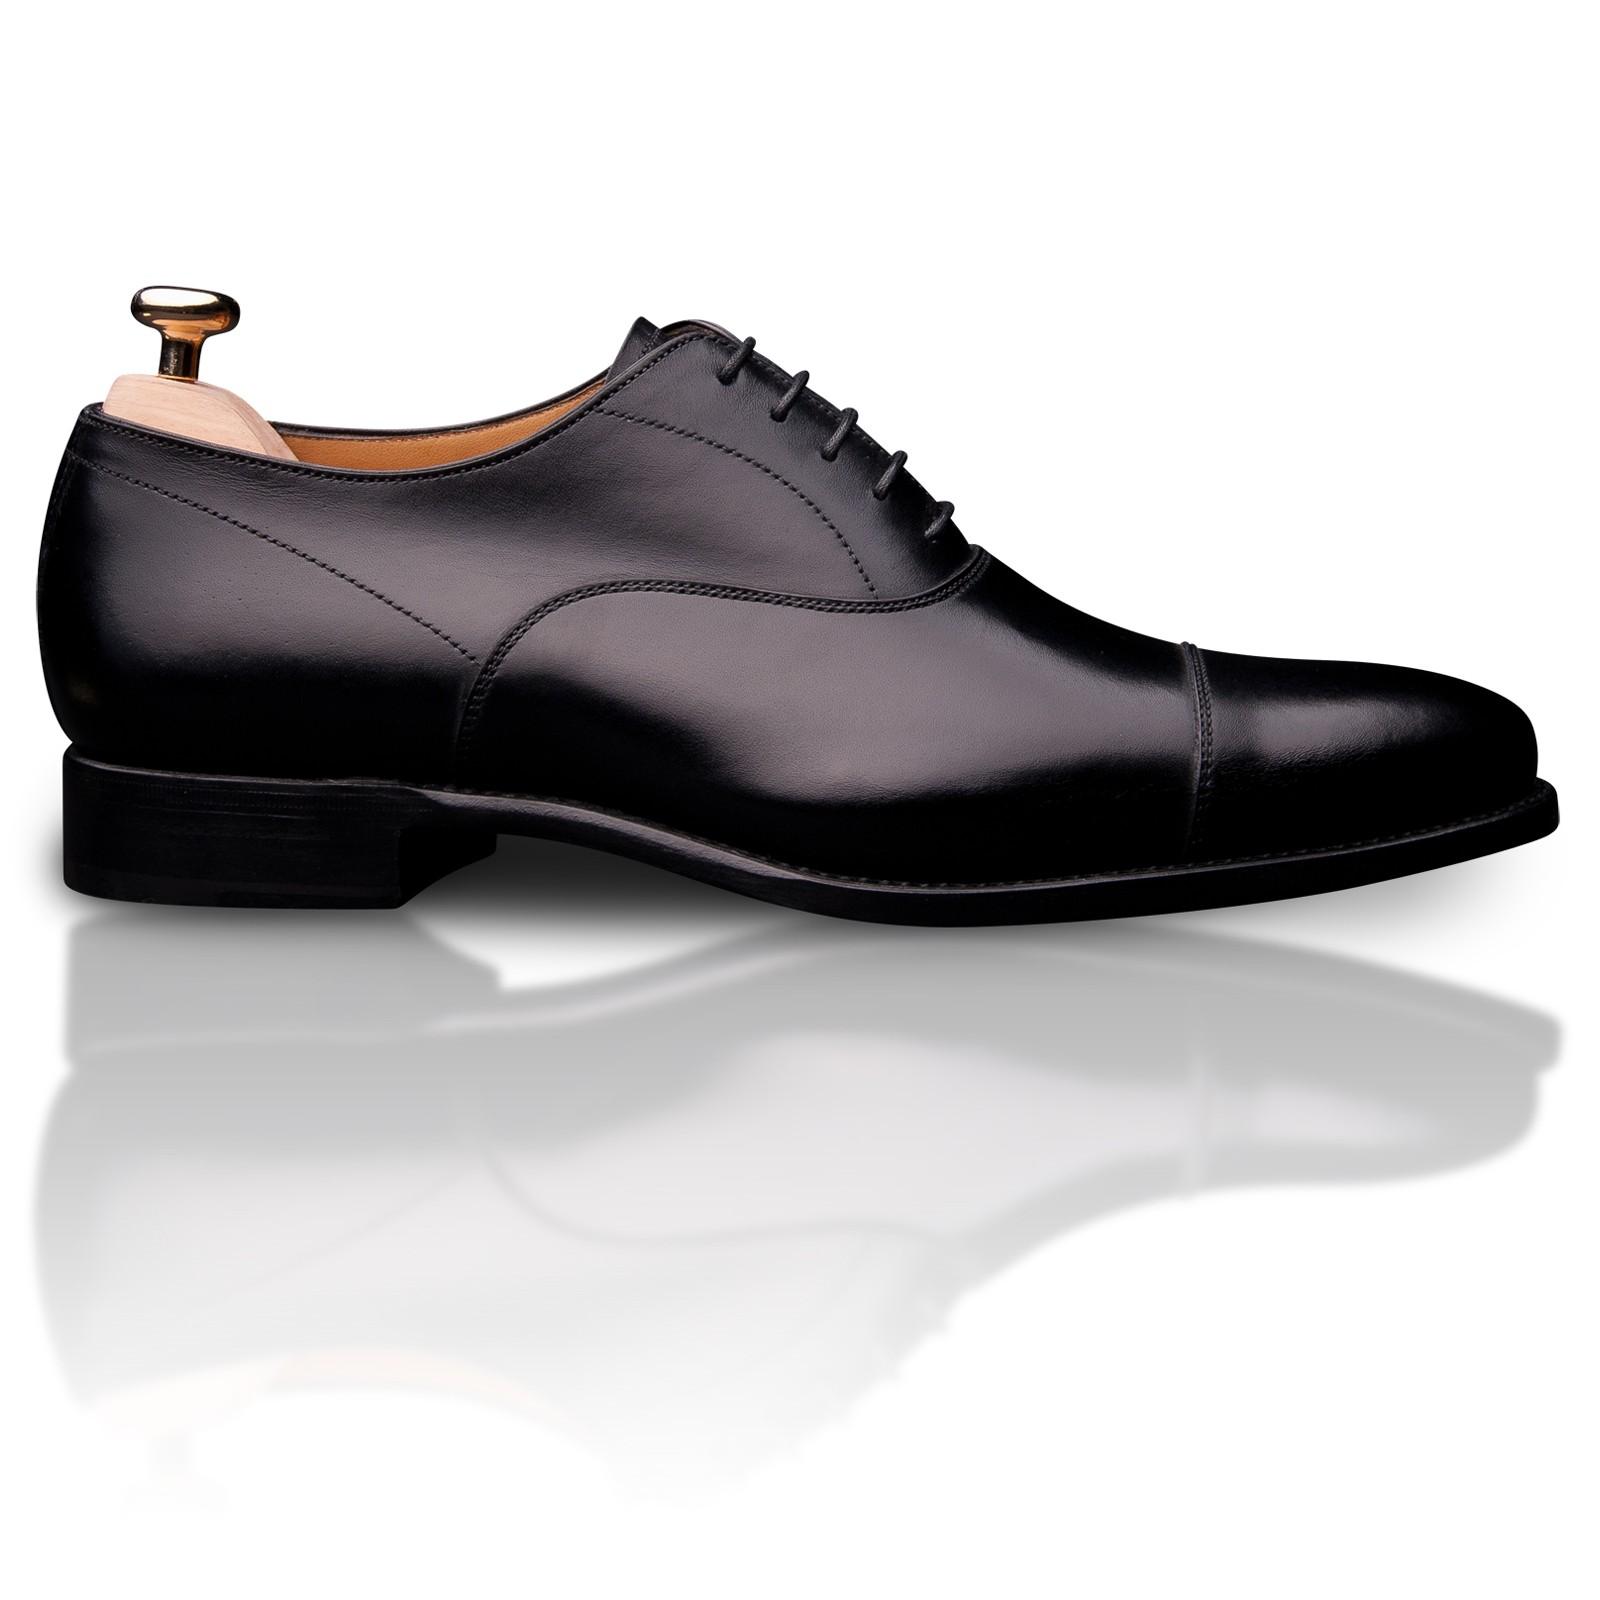 Chaussure de ville louboutin homme